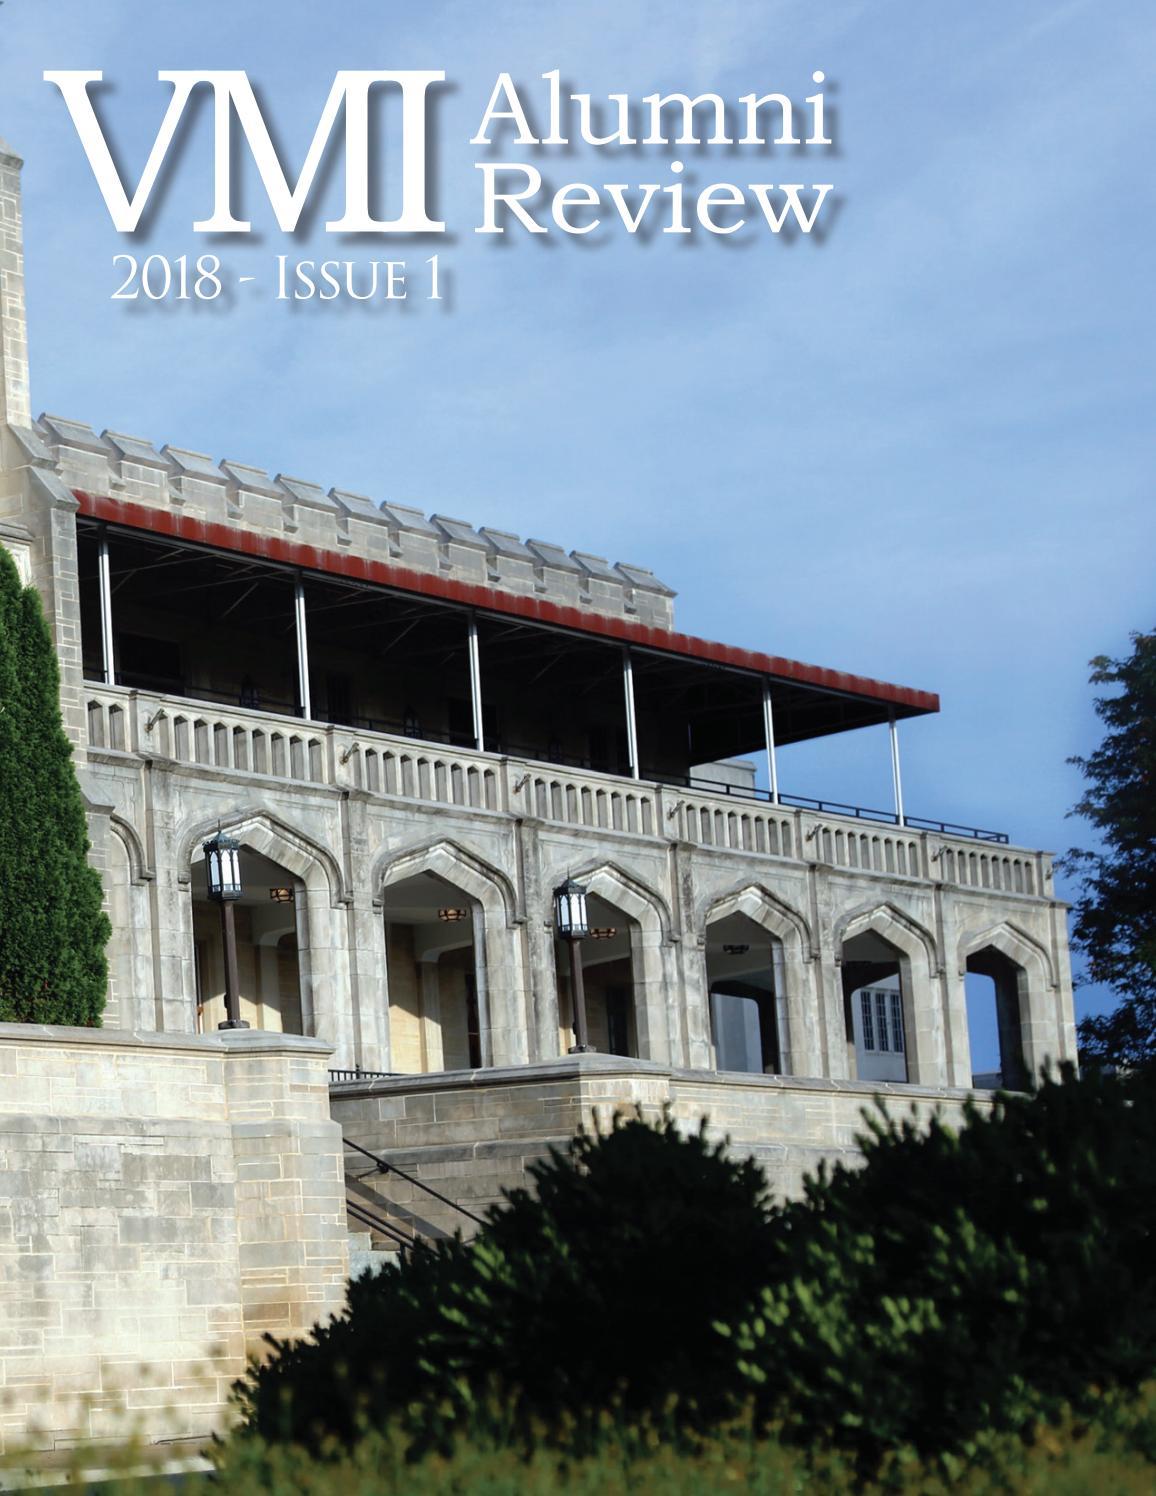 Beatrice D Avignon Avis 2018-issue 1 alumni reviewvmi alumni agencies - issuu